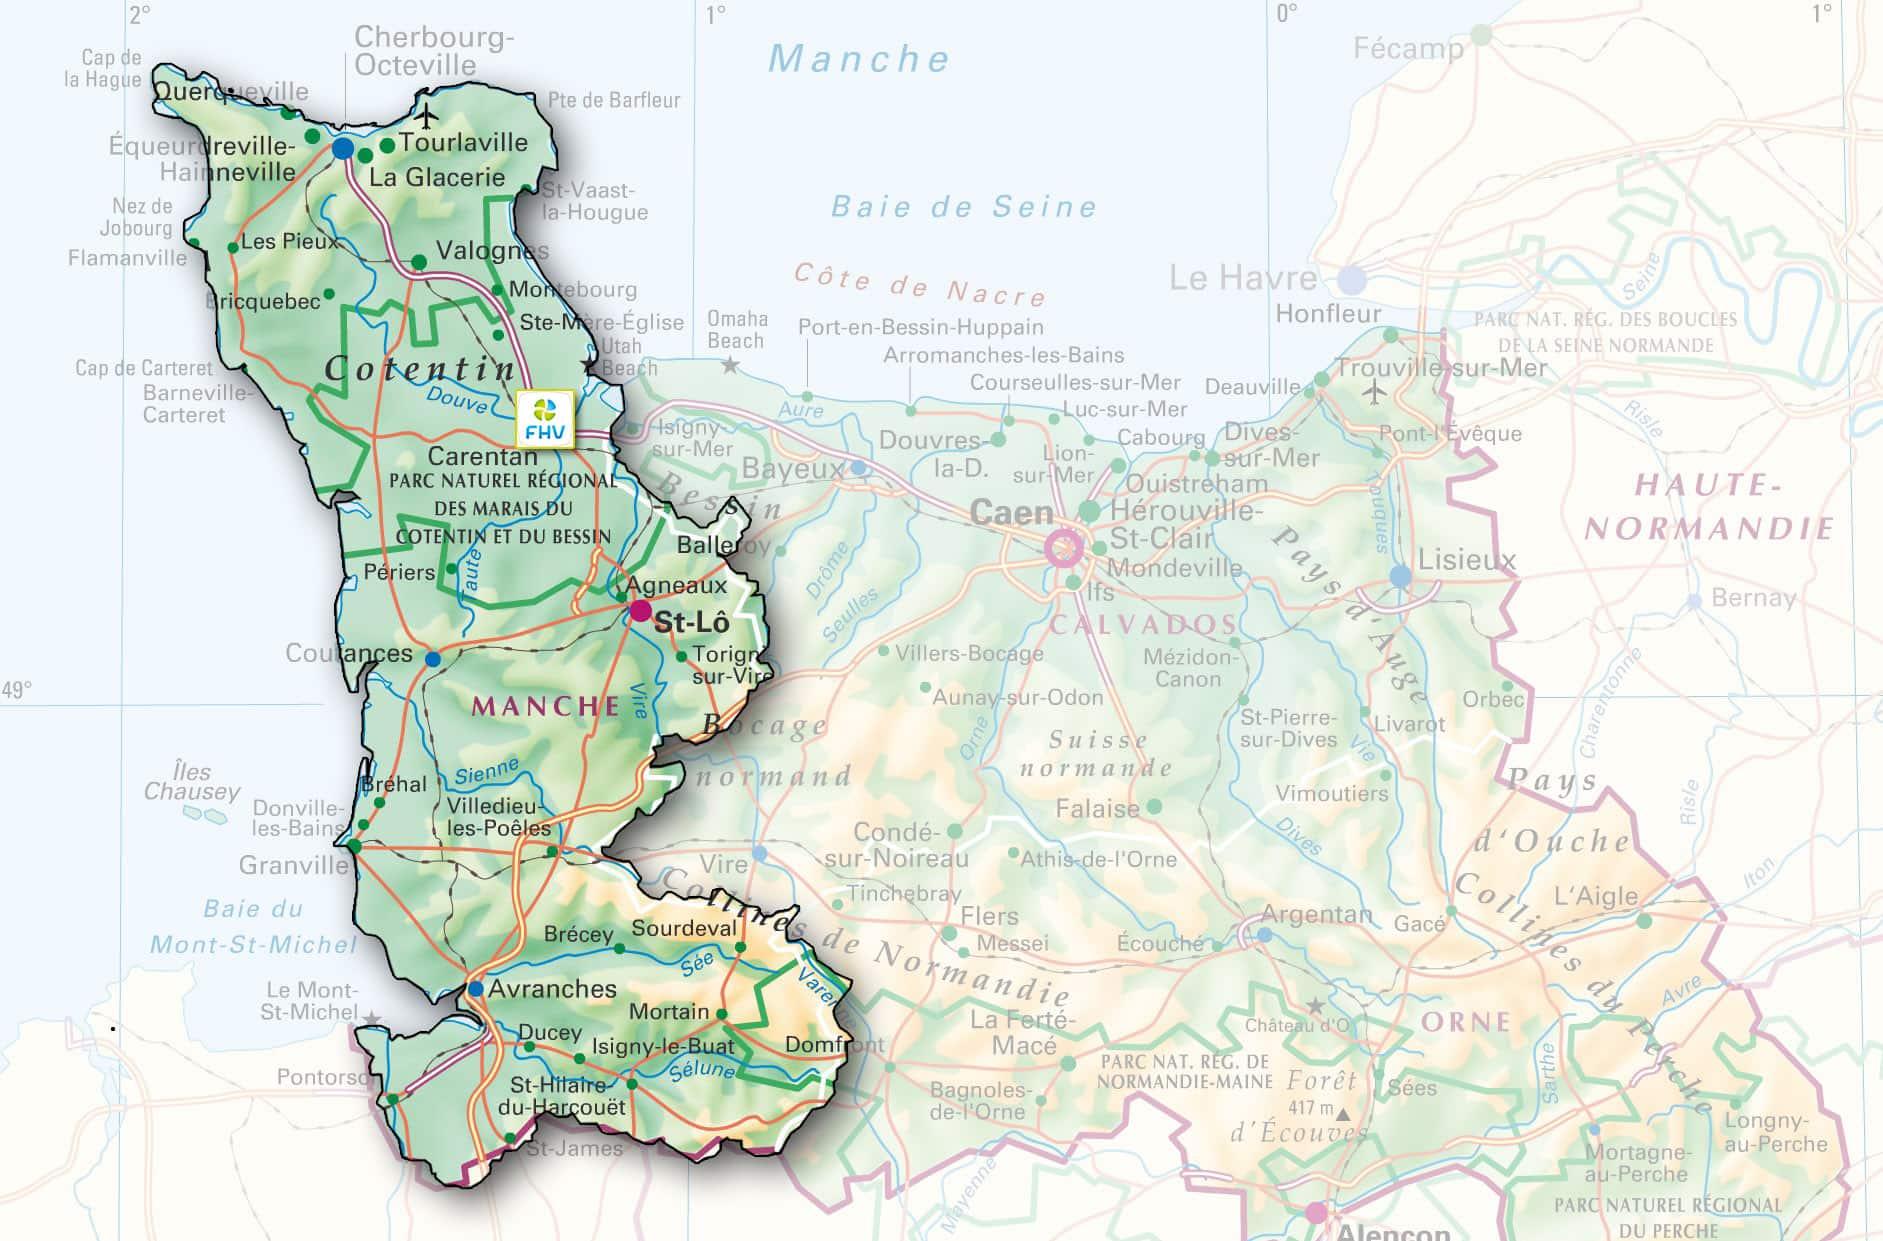 agence-manche France Hygiène Ventilation